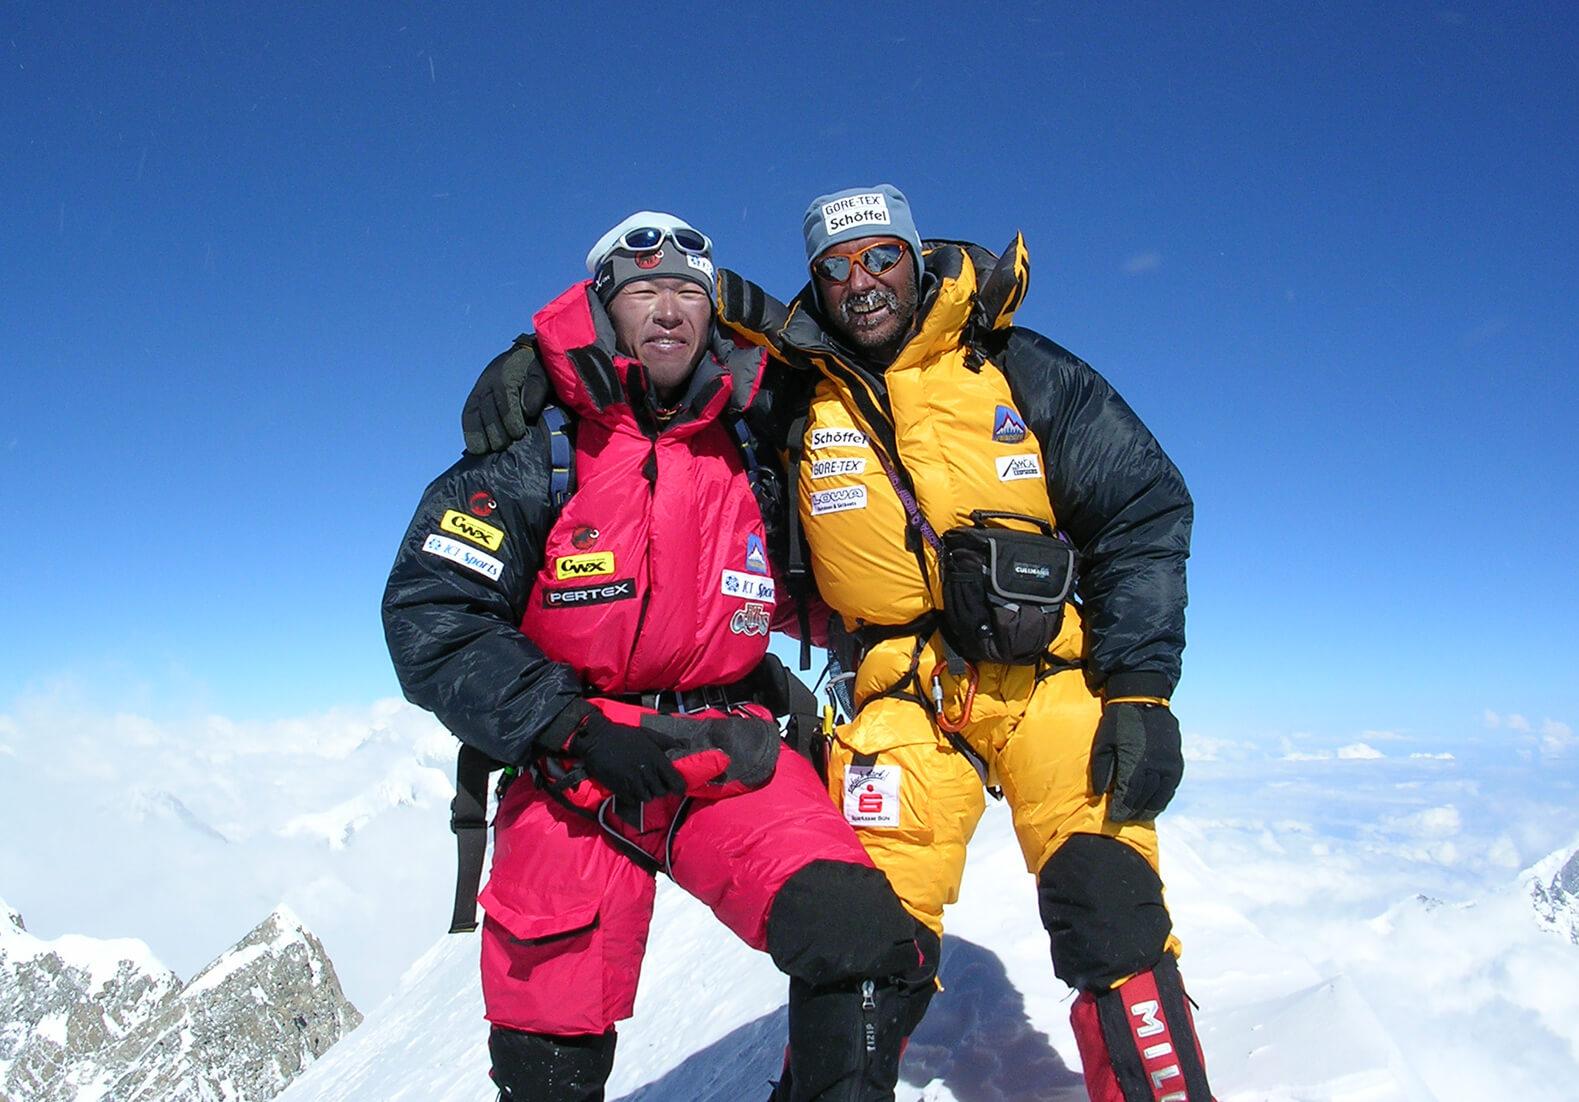 アンナプルナ登頂成功